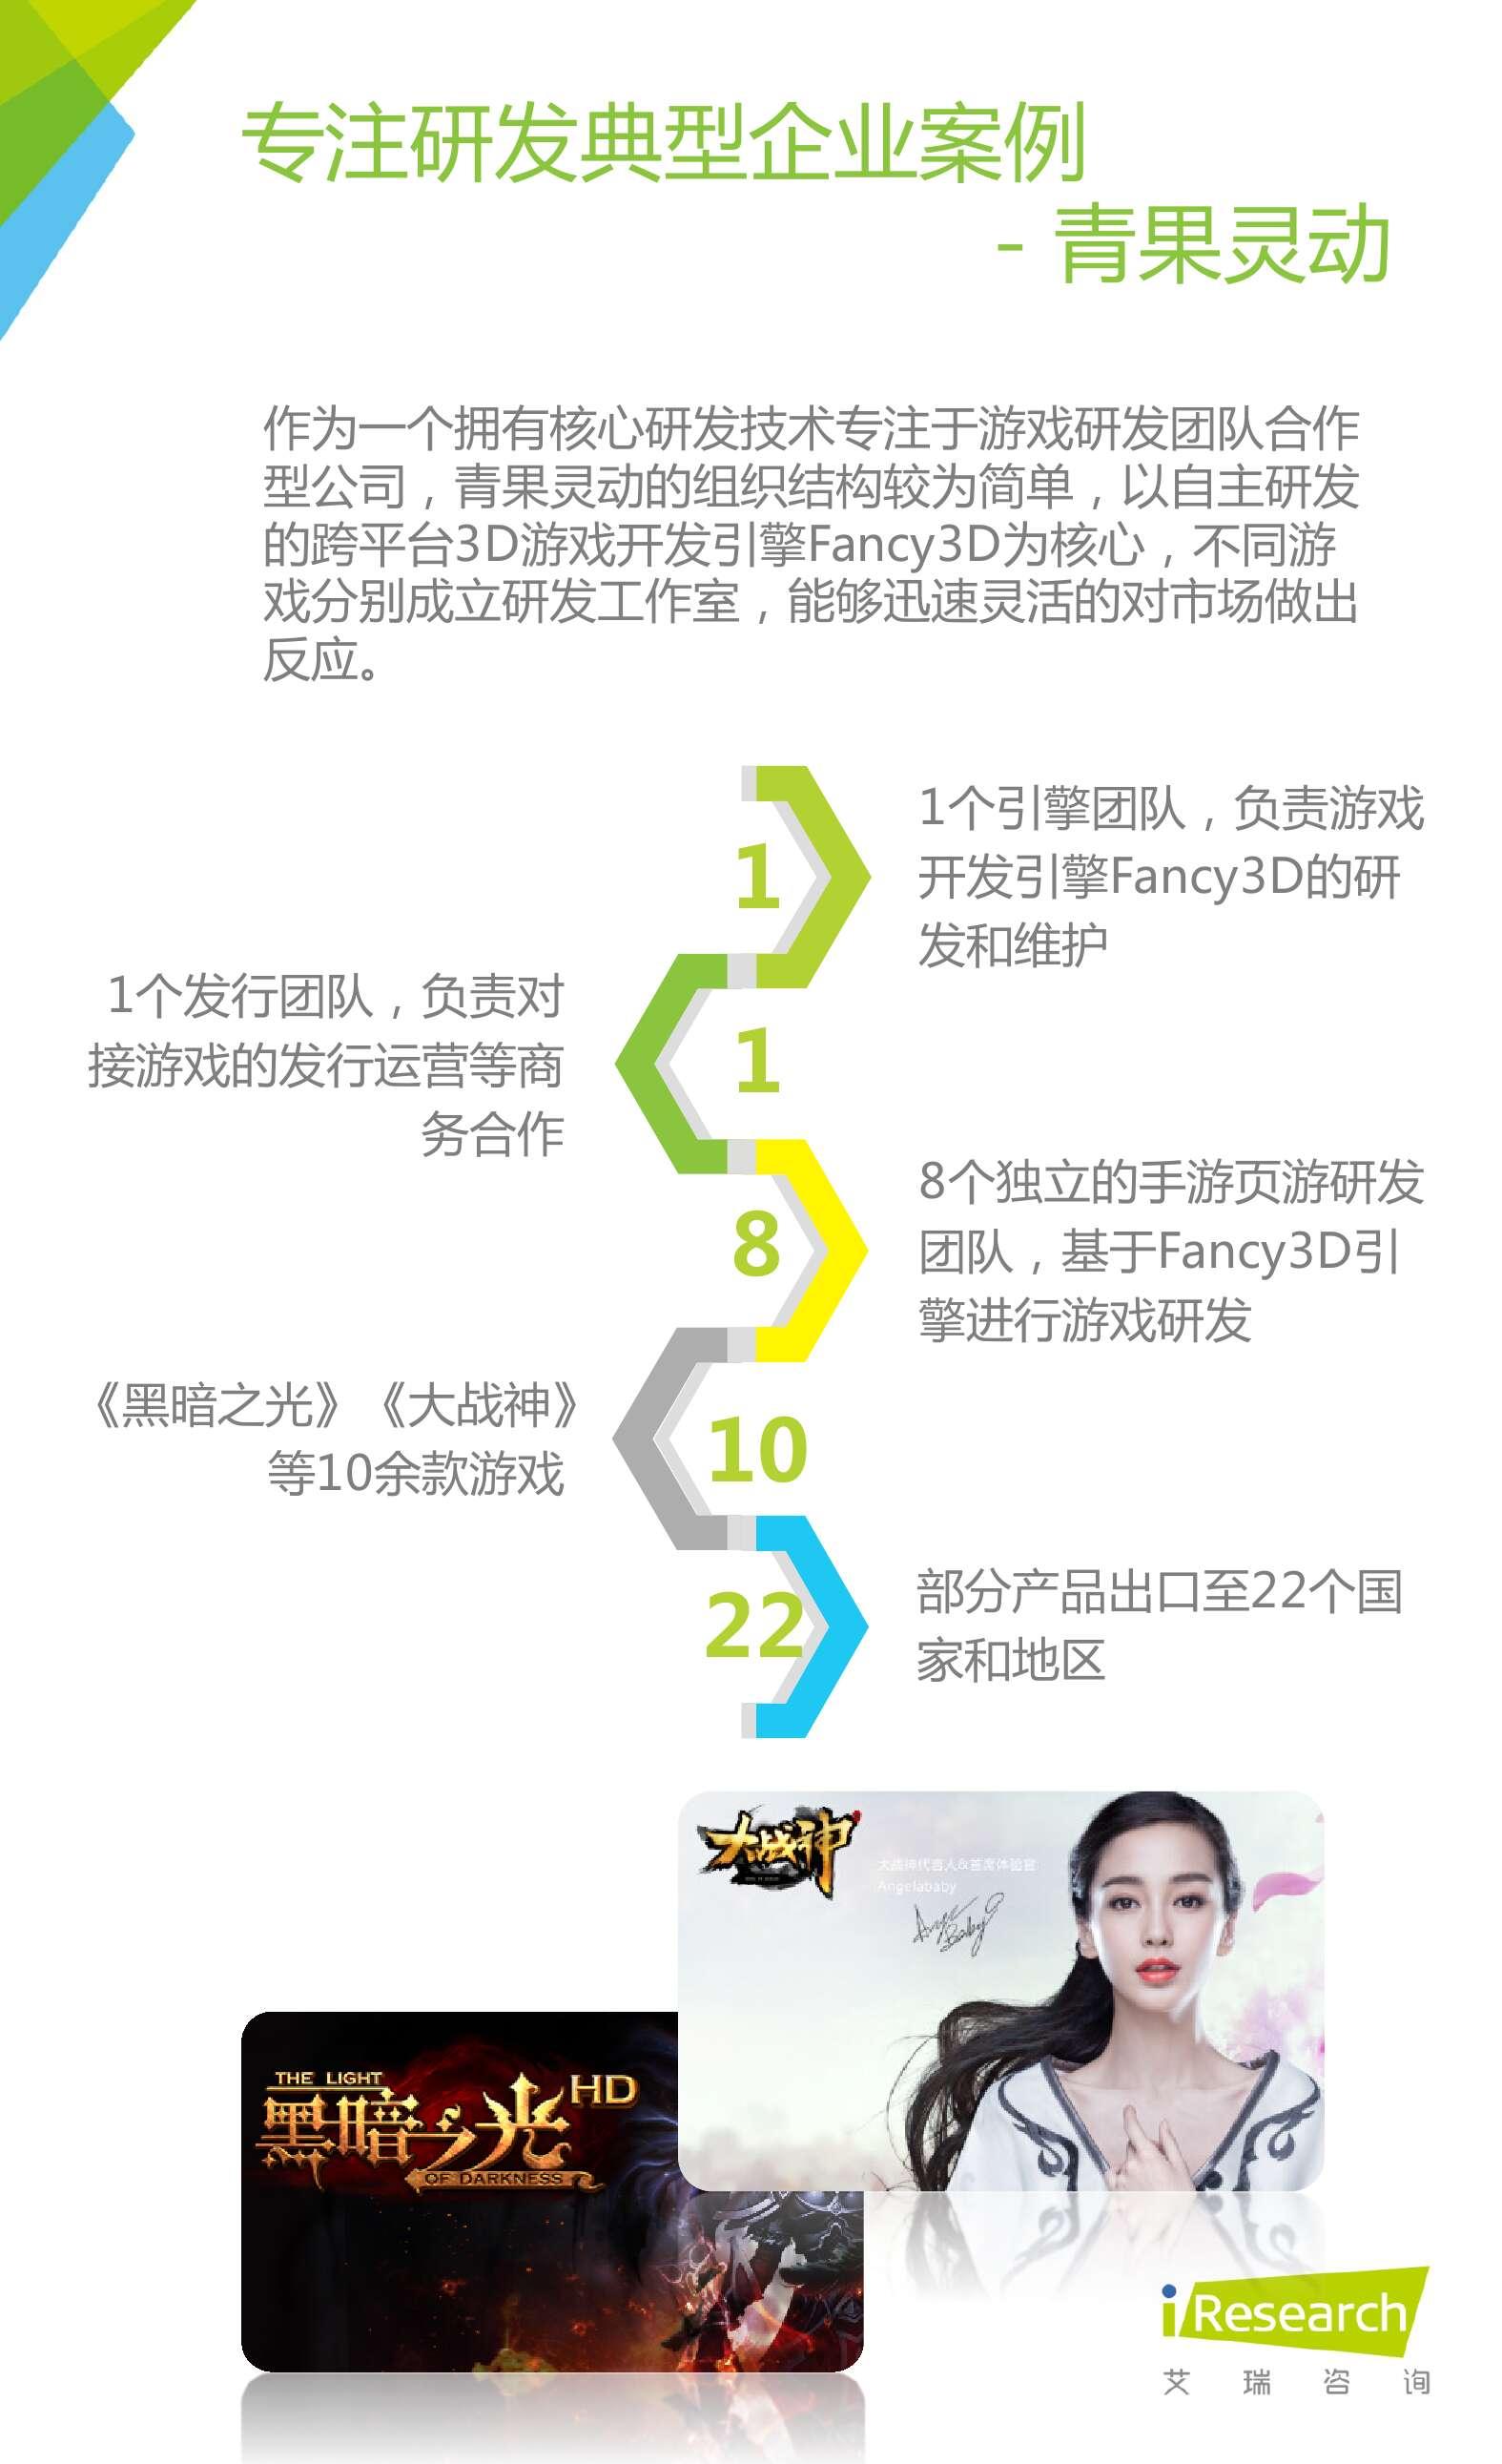 2016年中国网页游戏行业研究报告_000024